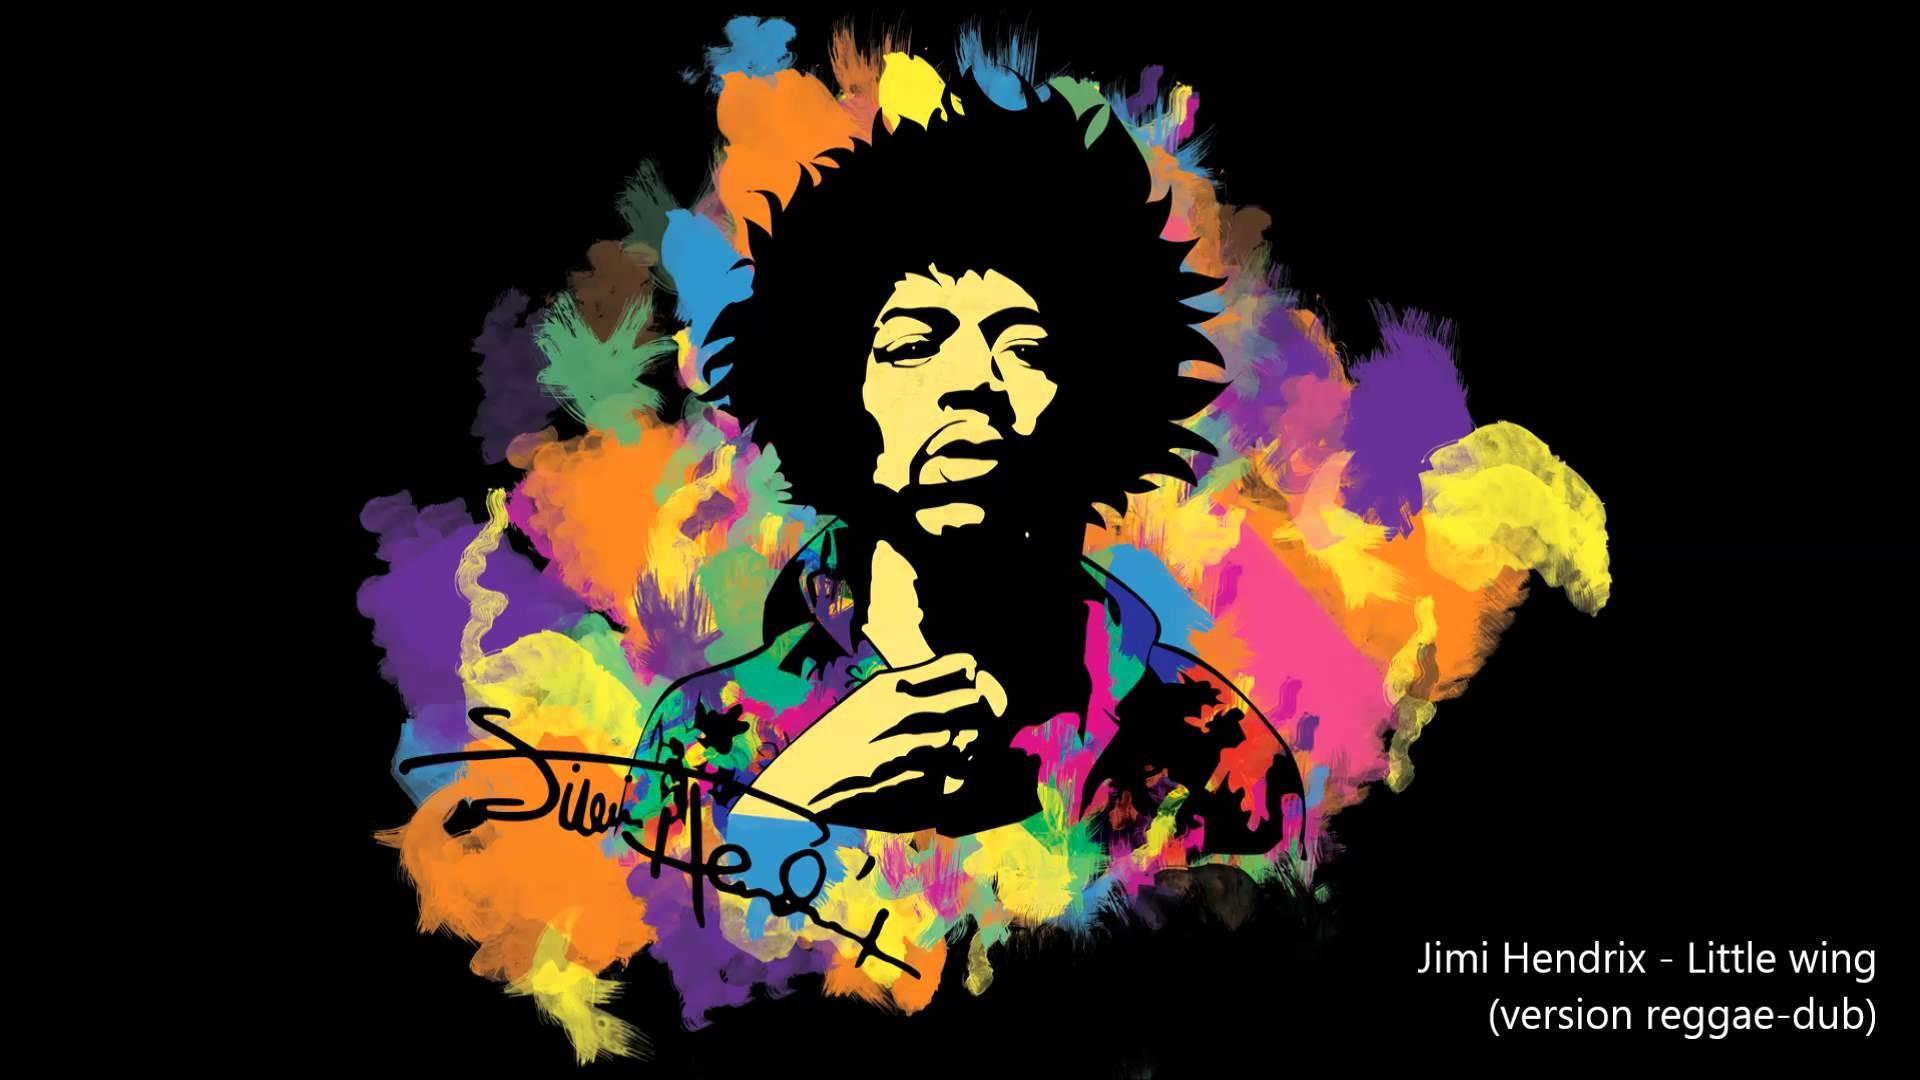 1920x1200 Jimi Hendrix Wallpaper 34